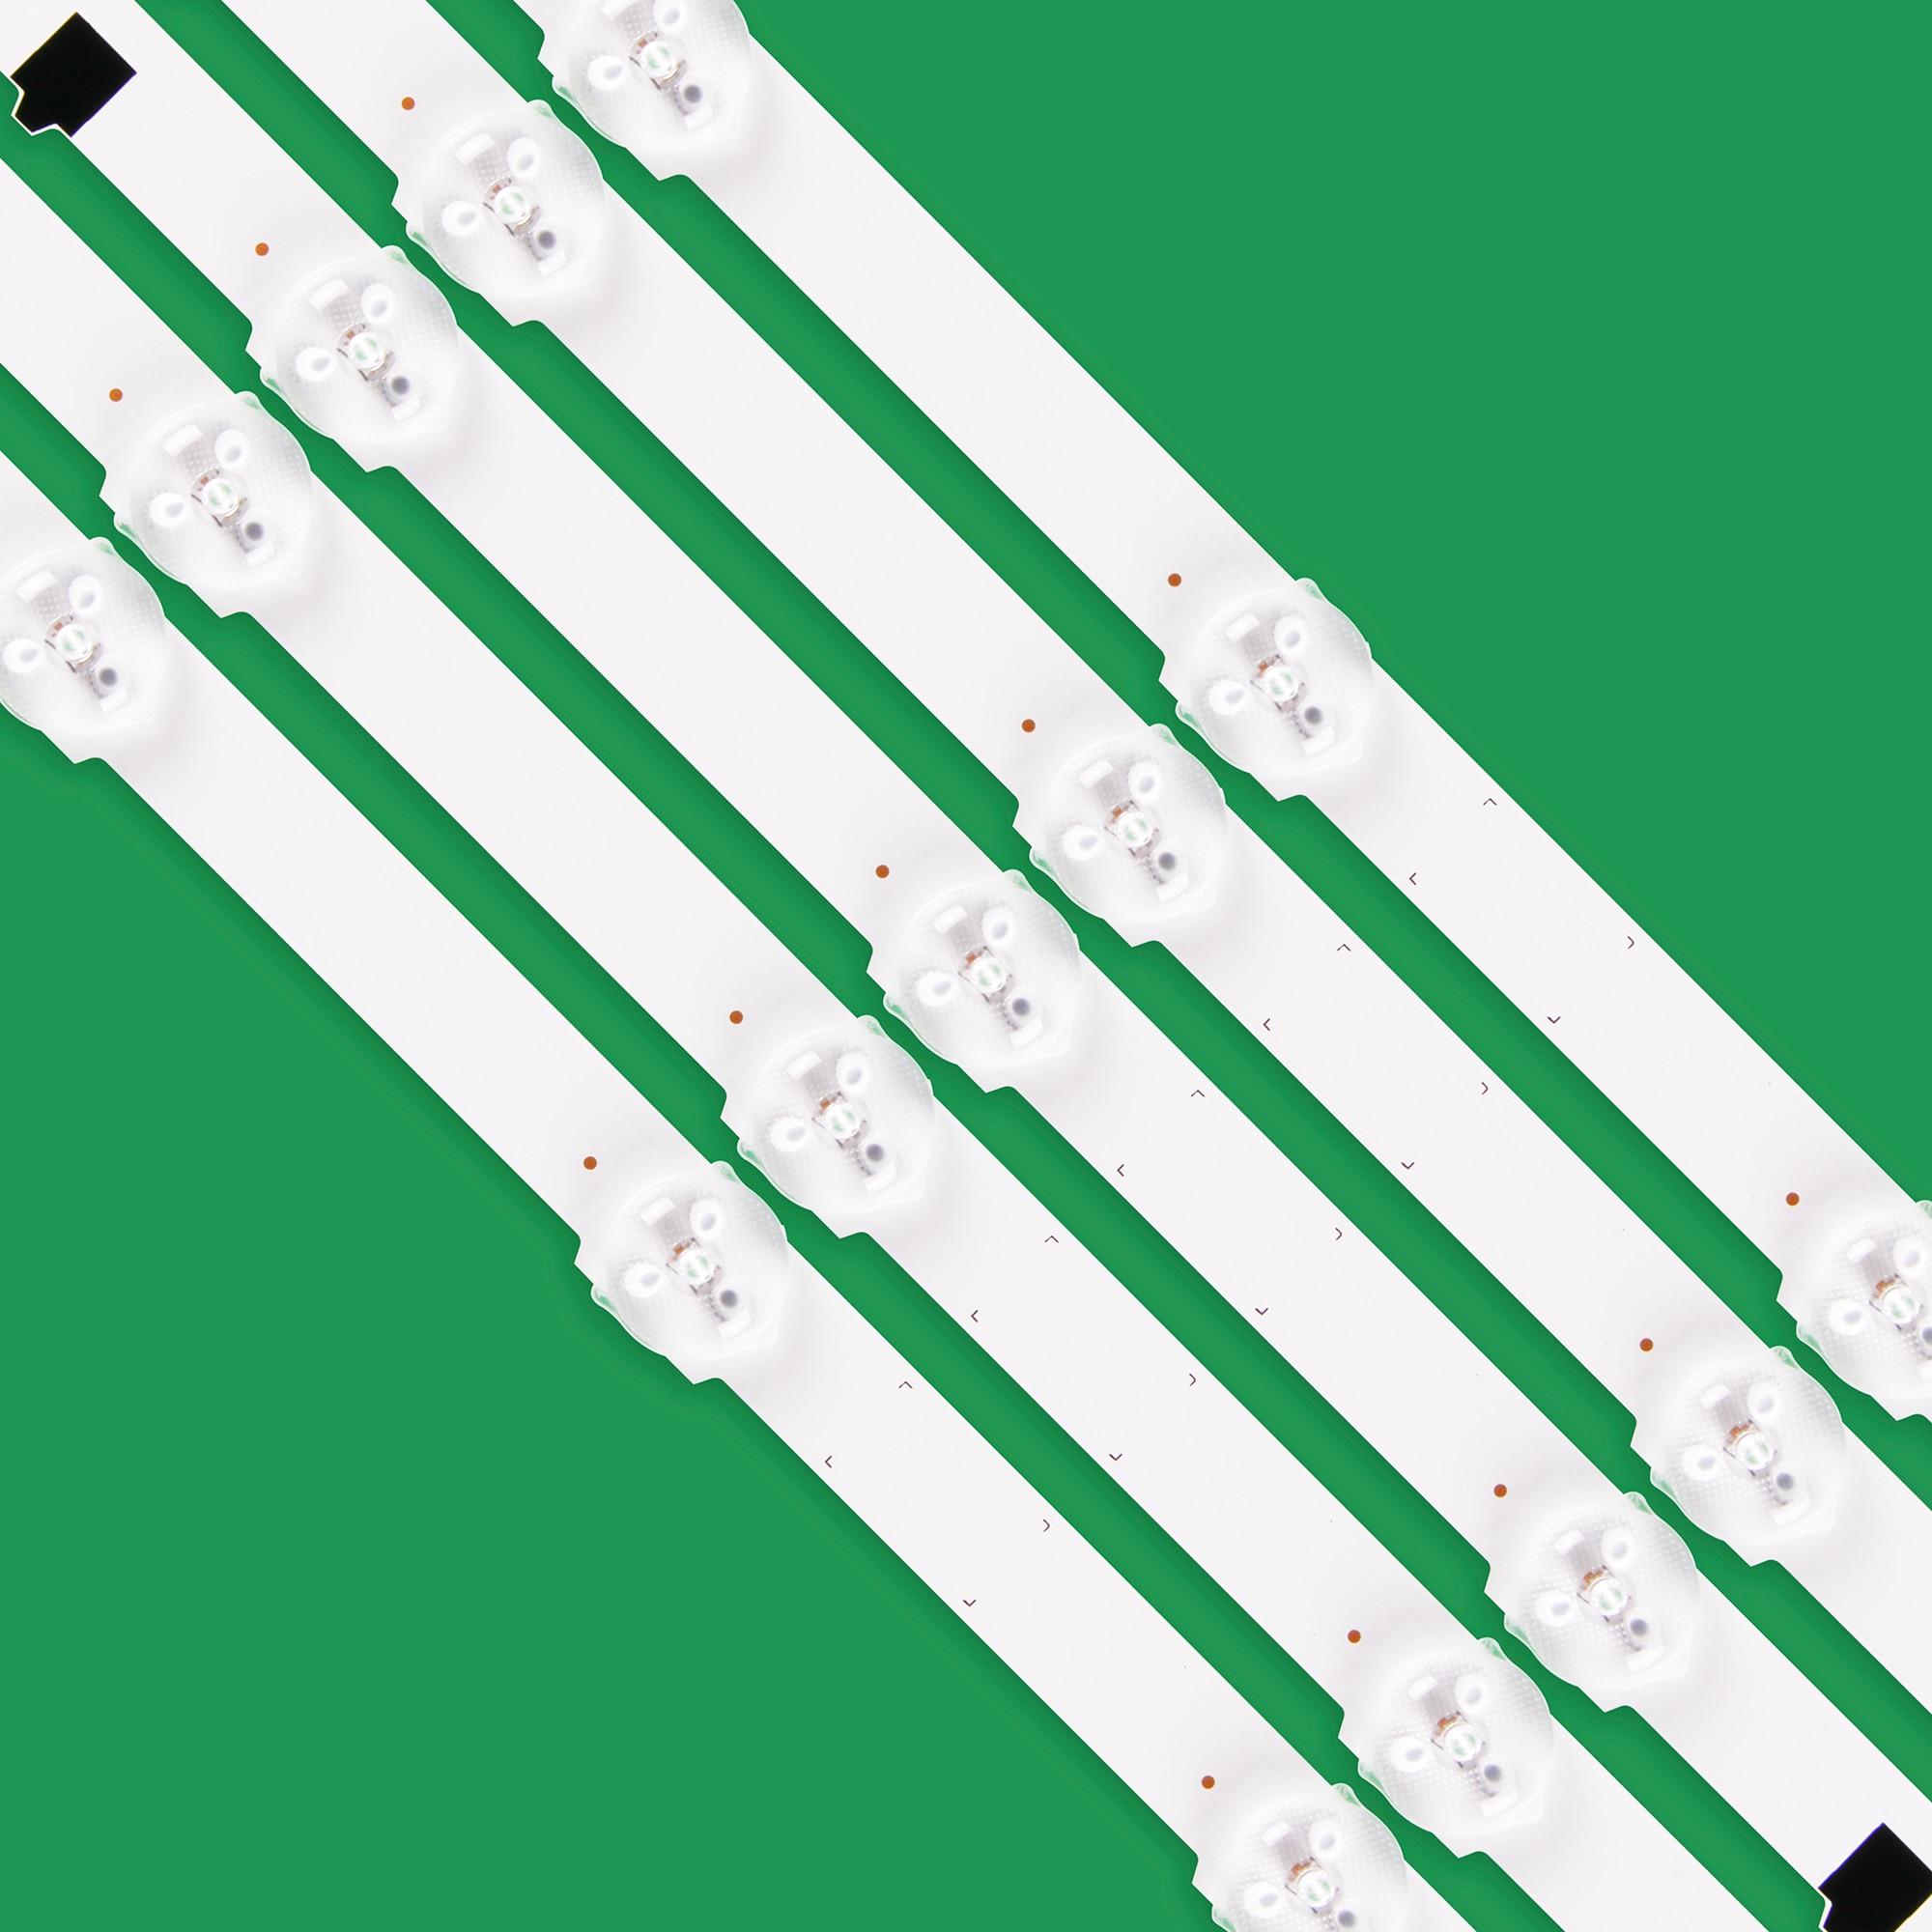 Flashtube Xenon Lamp Repair Part Replacement Strobe Speedlite Blitz Meijunter 1 Pcs Flash Tube Xenon Lamp for Godox V850 V860 685